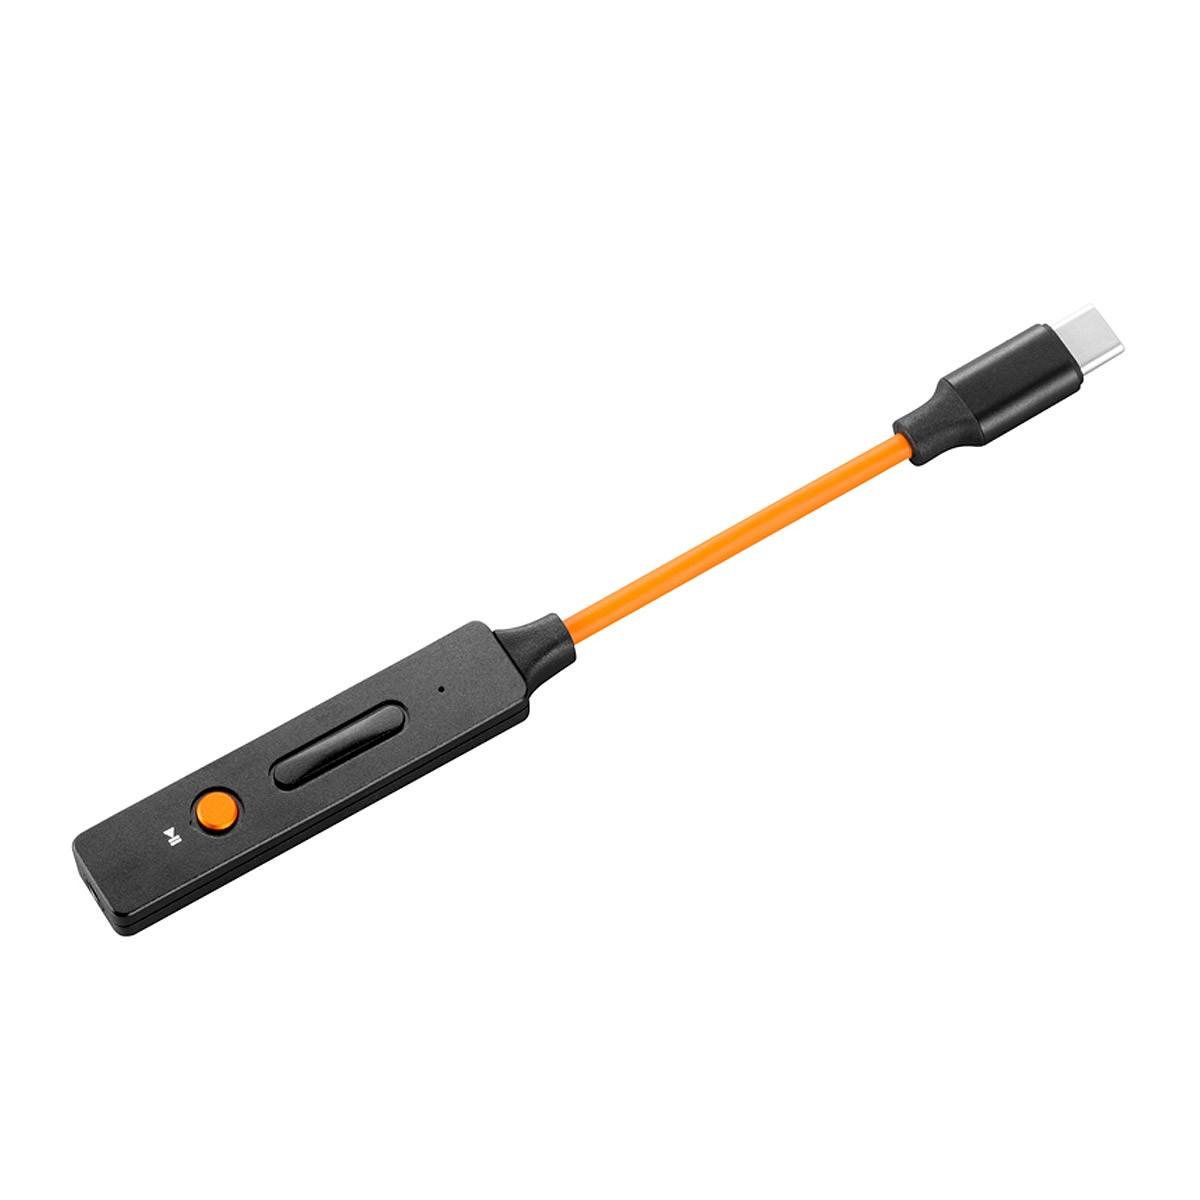 XDUOO LINK USB-C DAC Adapter Hi-Res ES9118 32bit 384kHz DSD256